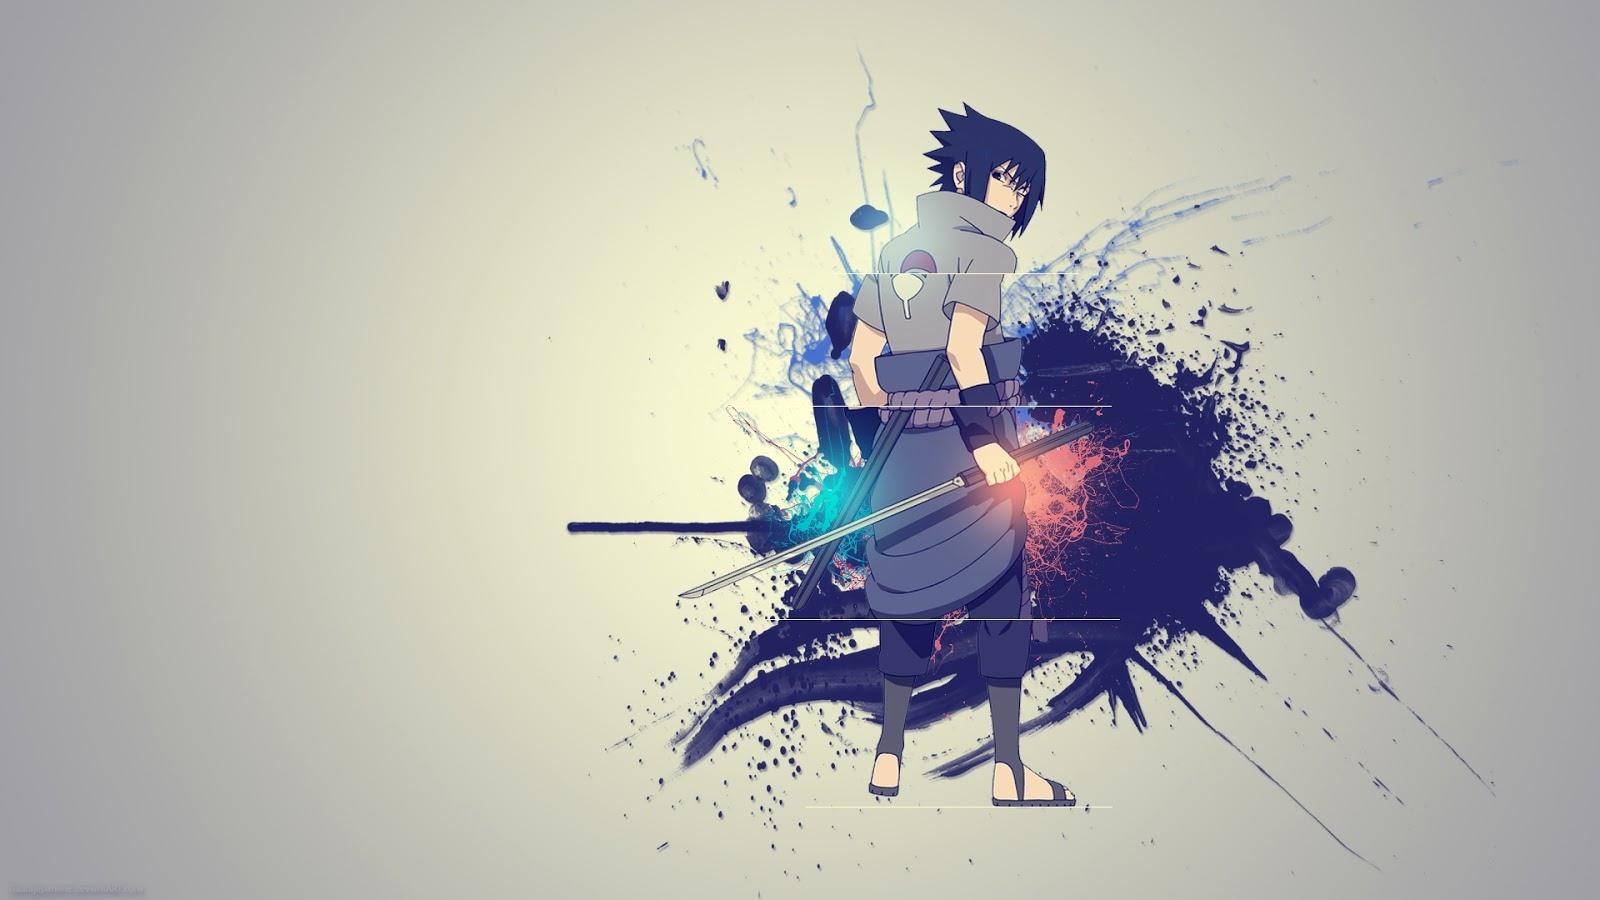 Sasuke Uchiha Anime Download 1920x1080